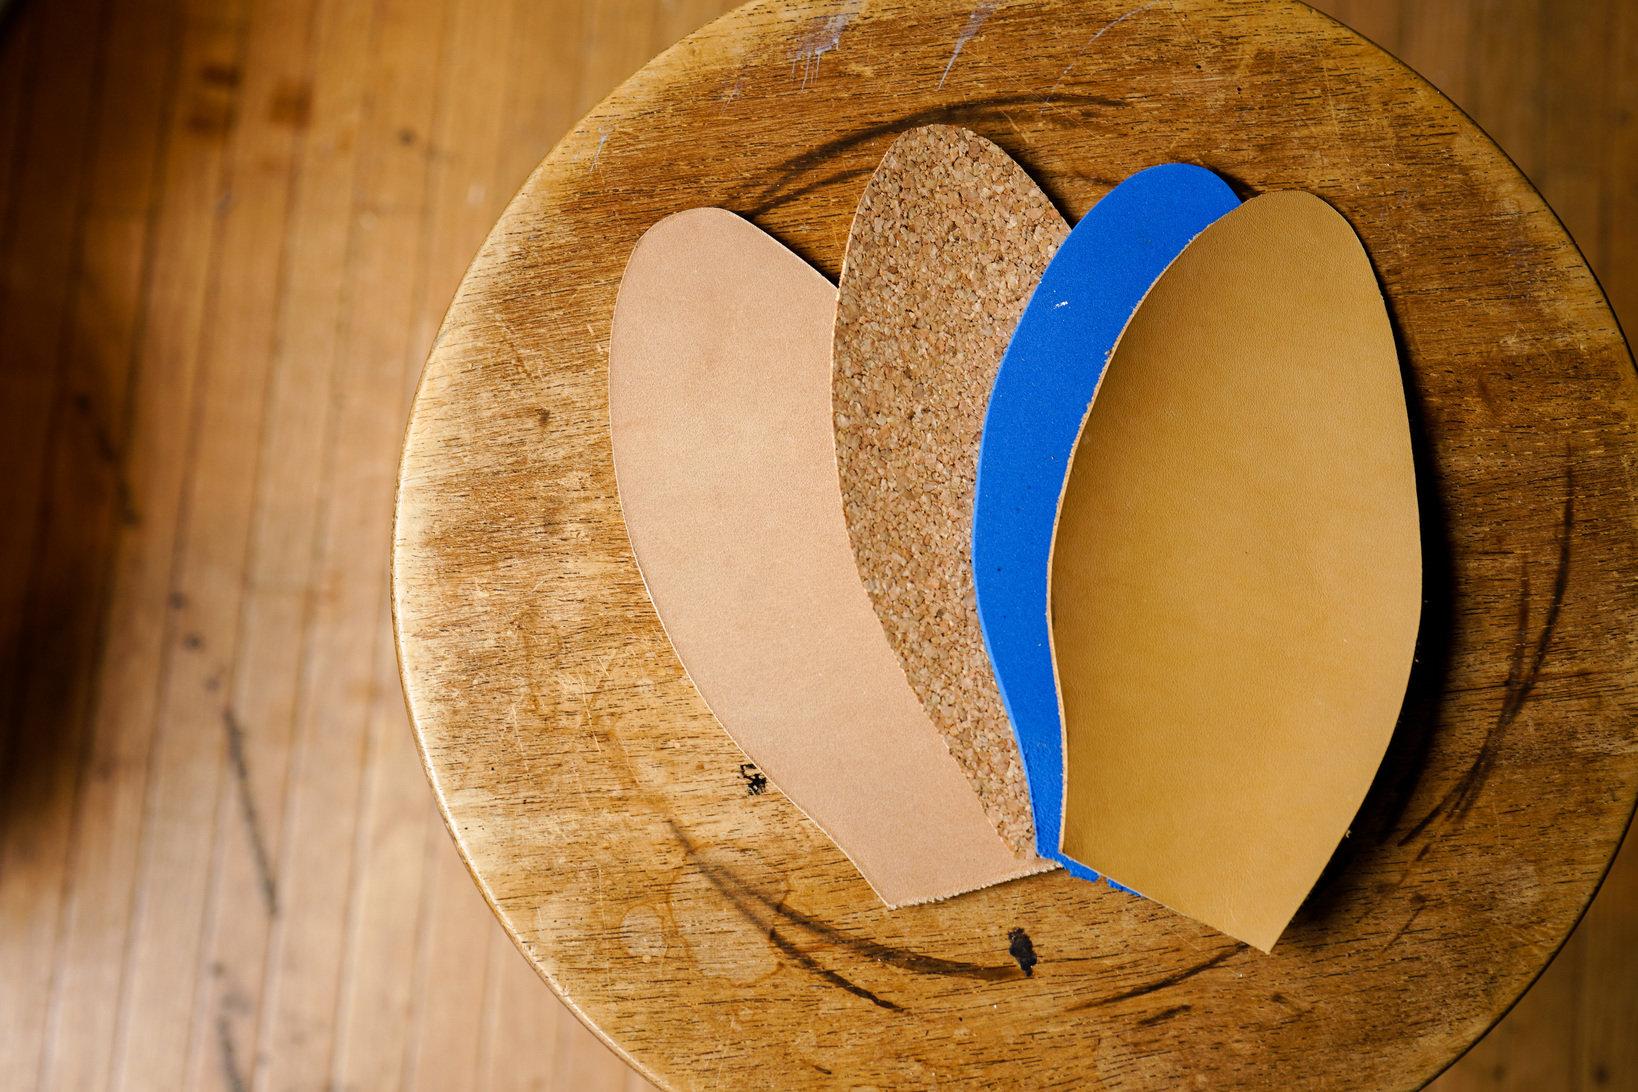 コルクとスポンジの違いは厚さと硬さ。コルクはコシがあるのに対し、スポンジは弾力性がある。